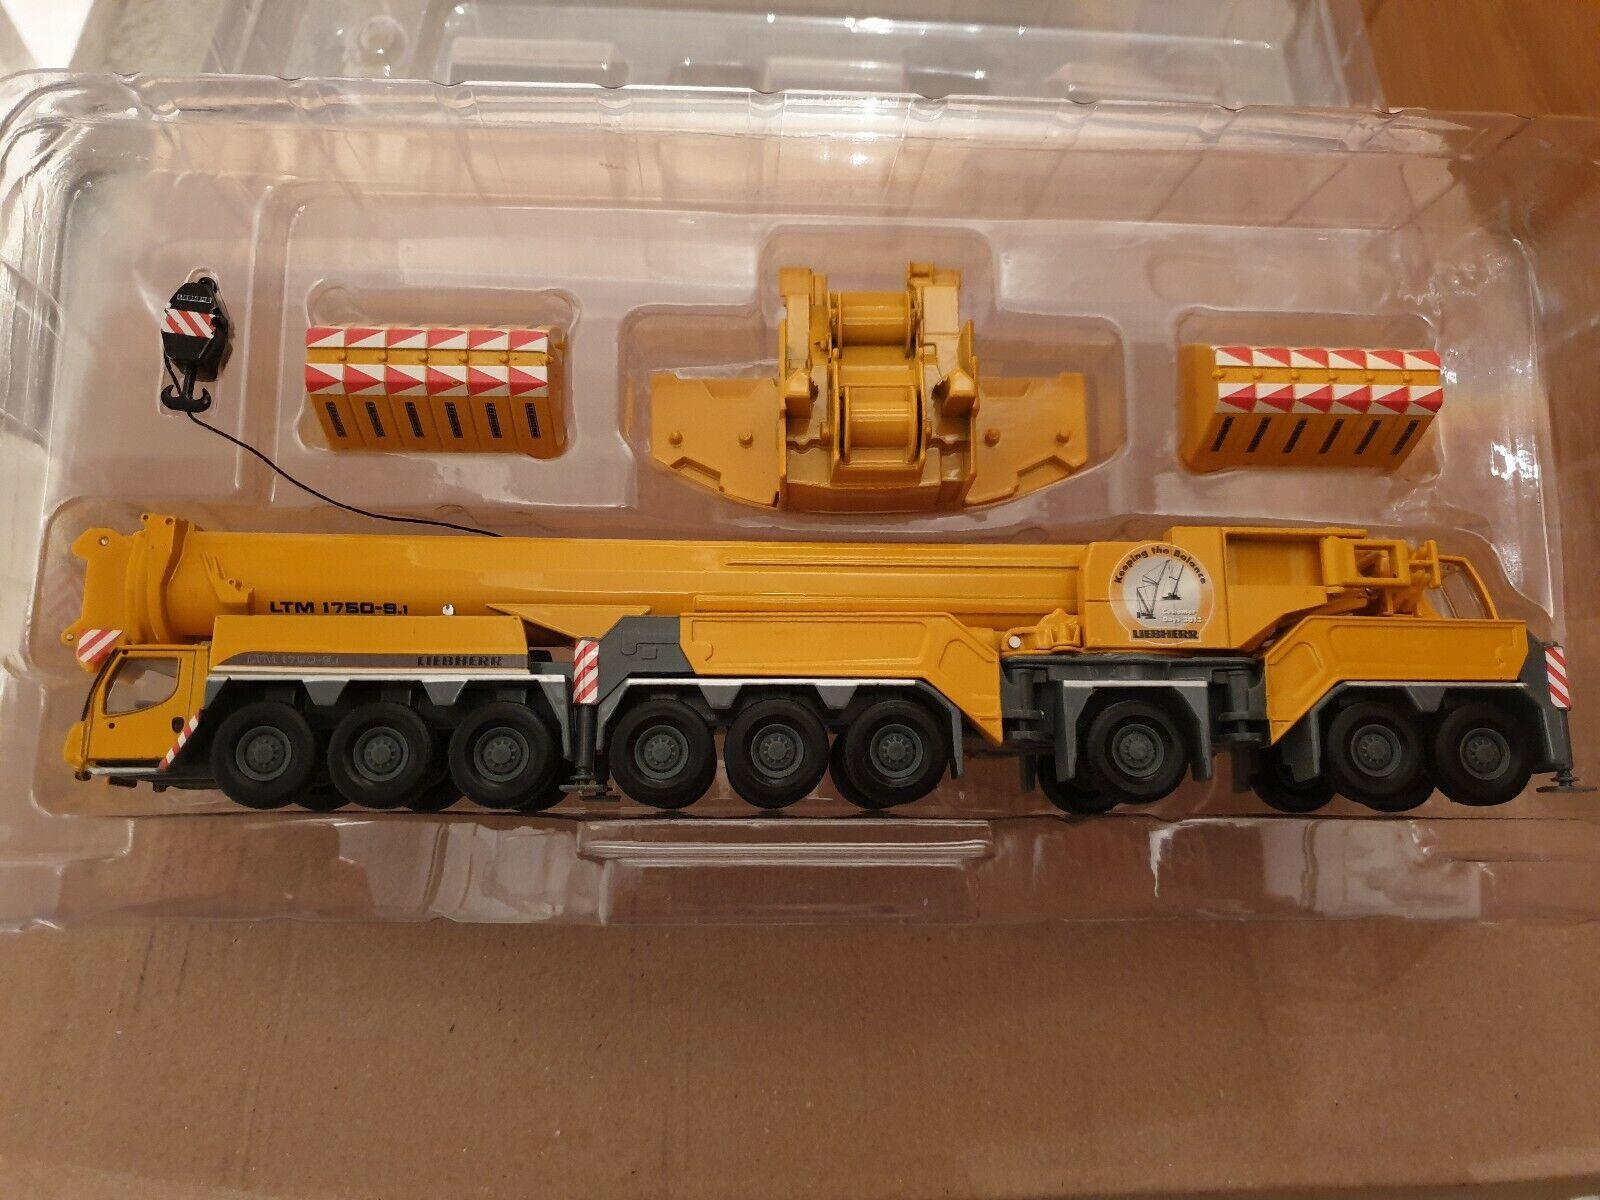 Liebherr LTM 1750-9.1 neuf dans sa boîte et neulimicravaterte  sorcravate LIEBHERR-kundentage 2012  remise élevée